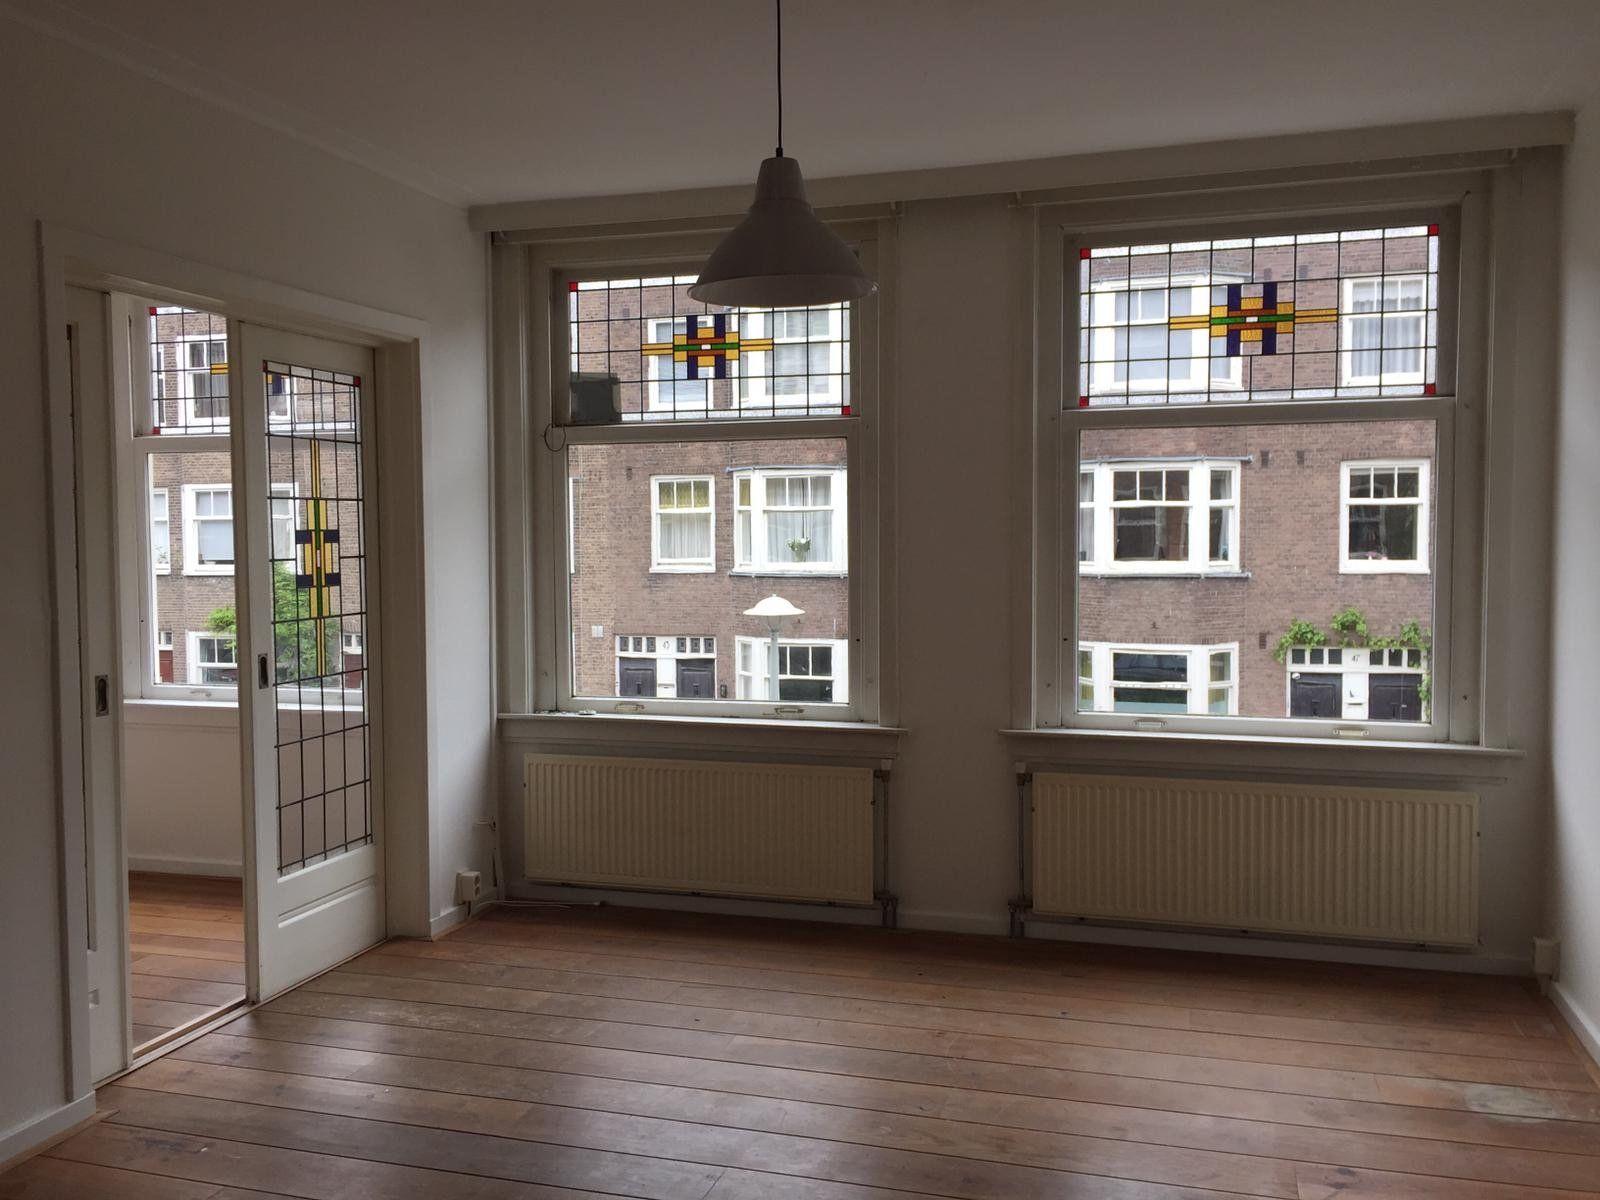 Eemsstraat, Amsterdam